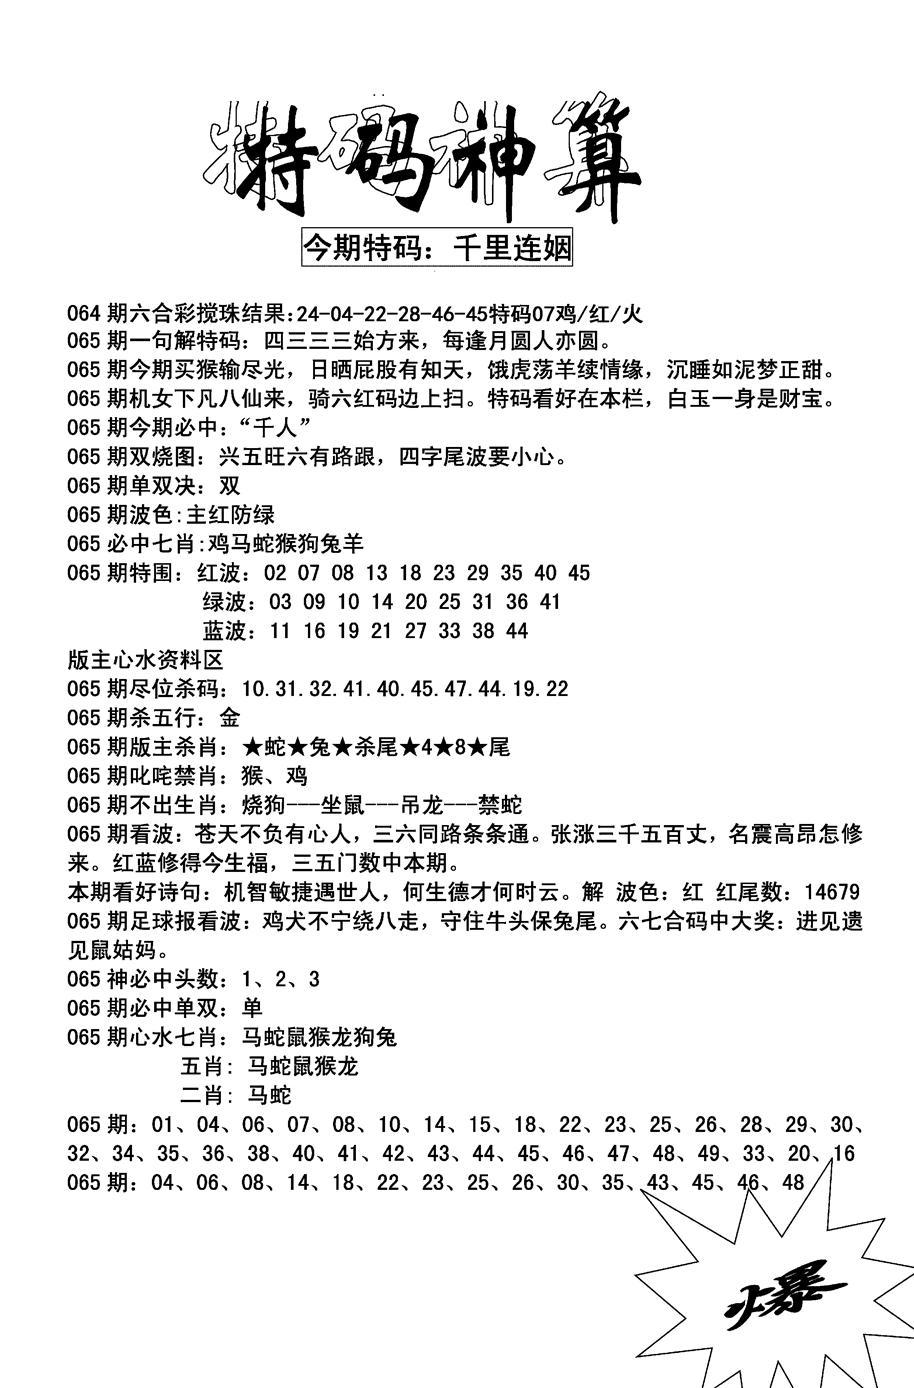 065期特码神算(黑白)